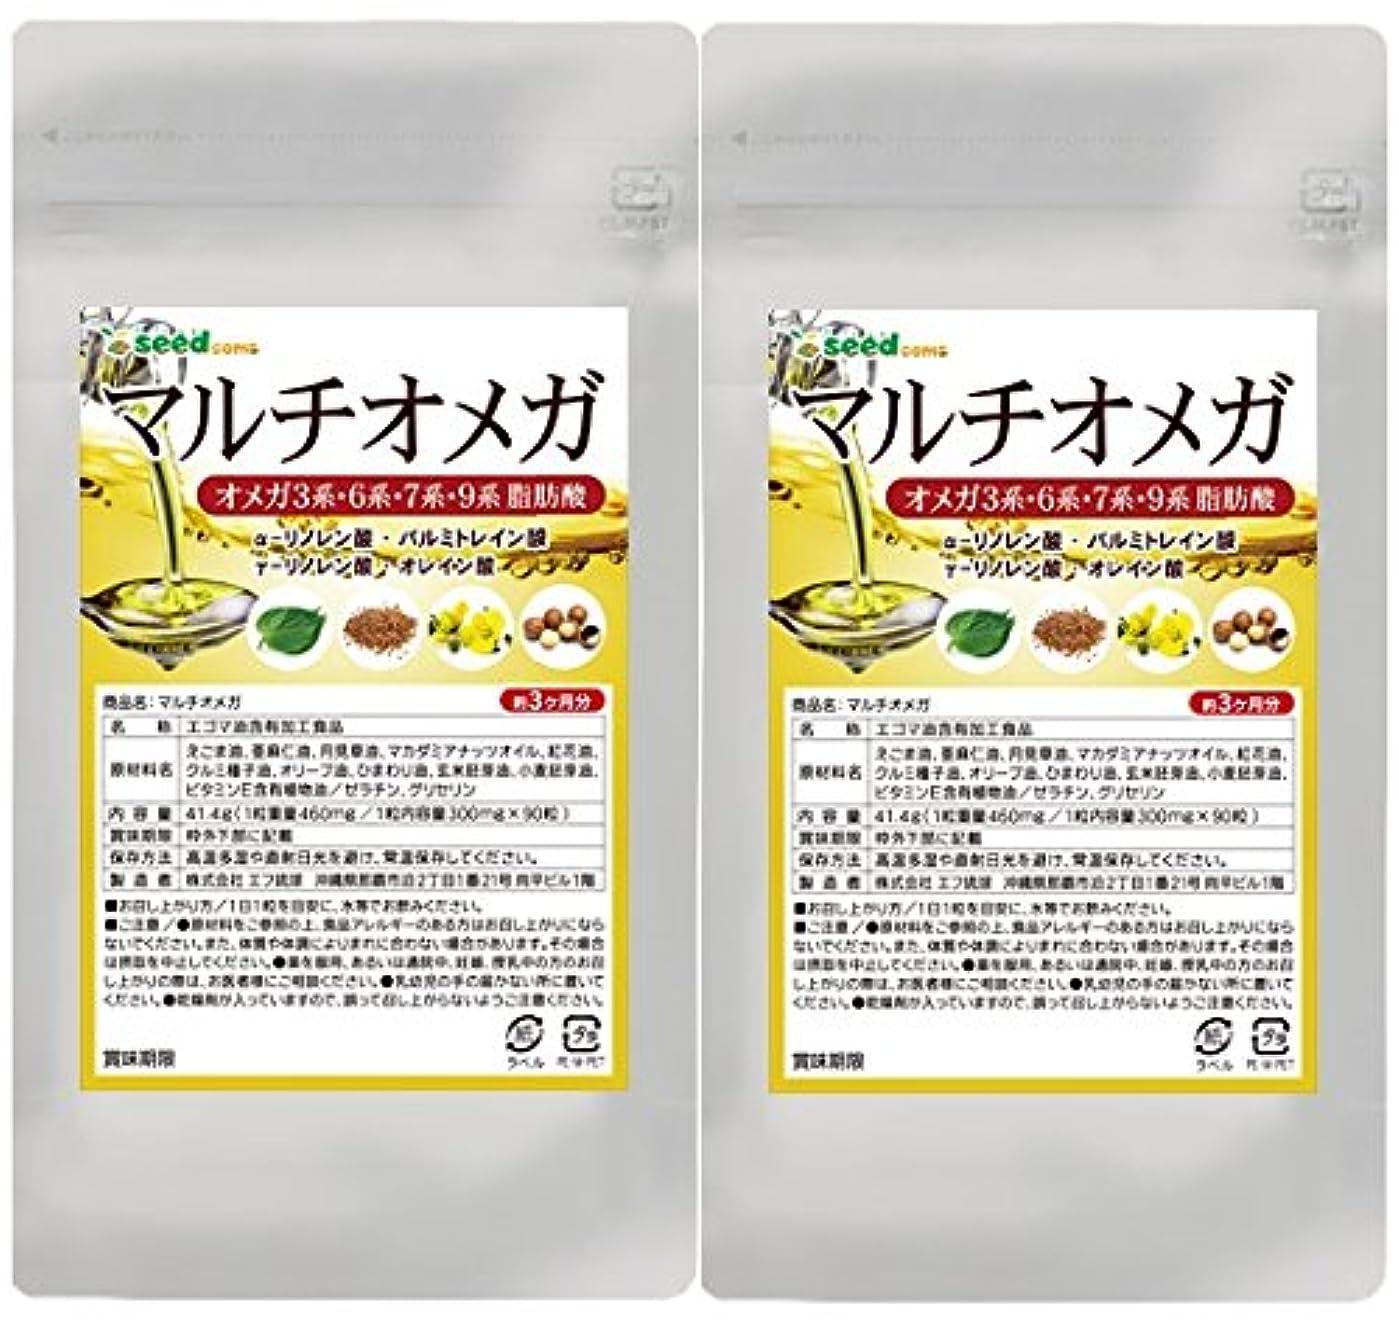 アプトヒョウ怒っている【 seedcoms シードコムス 公式 】マルチオメガ(約6ヶ月分/180粒) えごま油 亜麻仁油 など 4種のオメガオイル